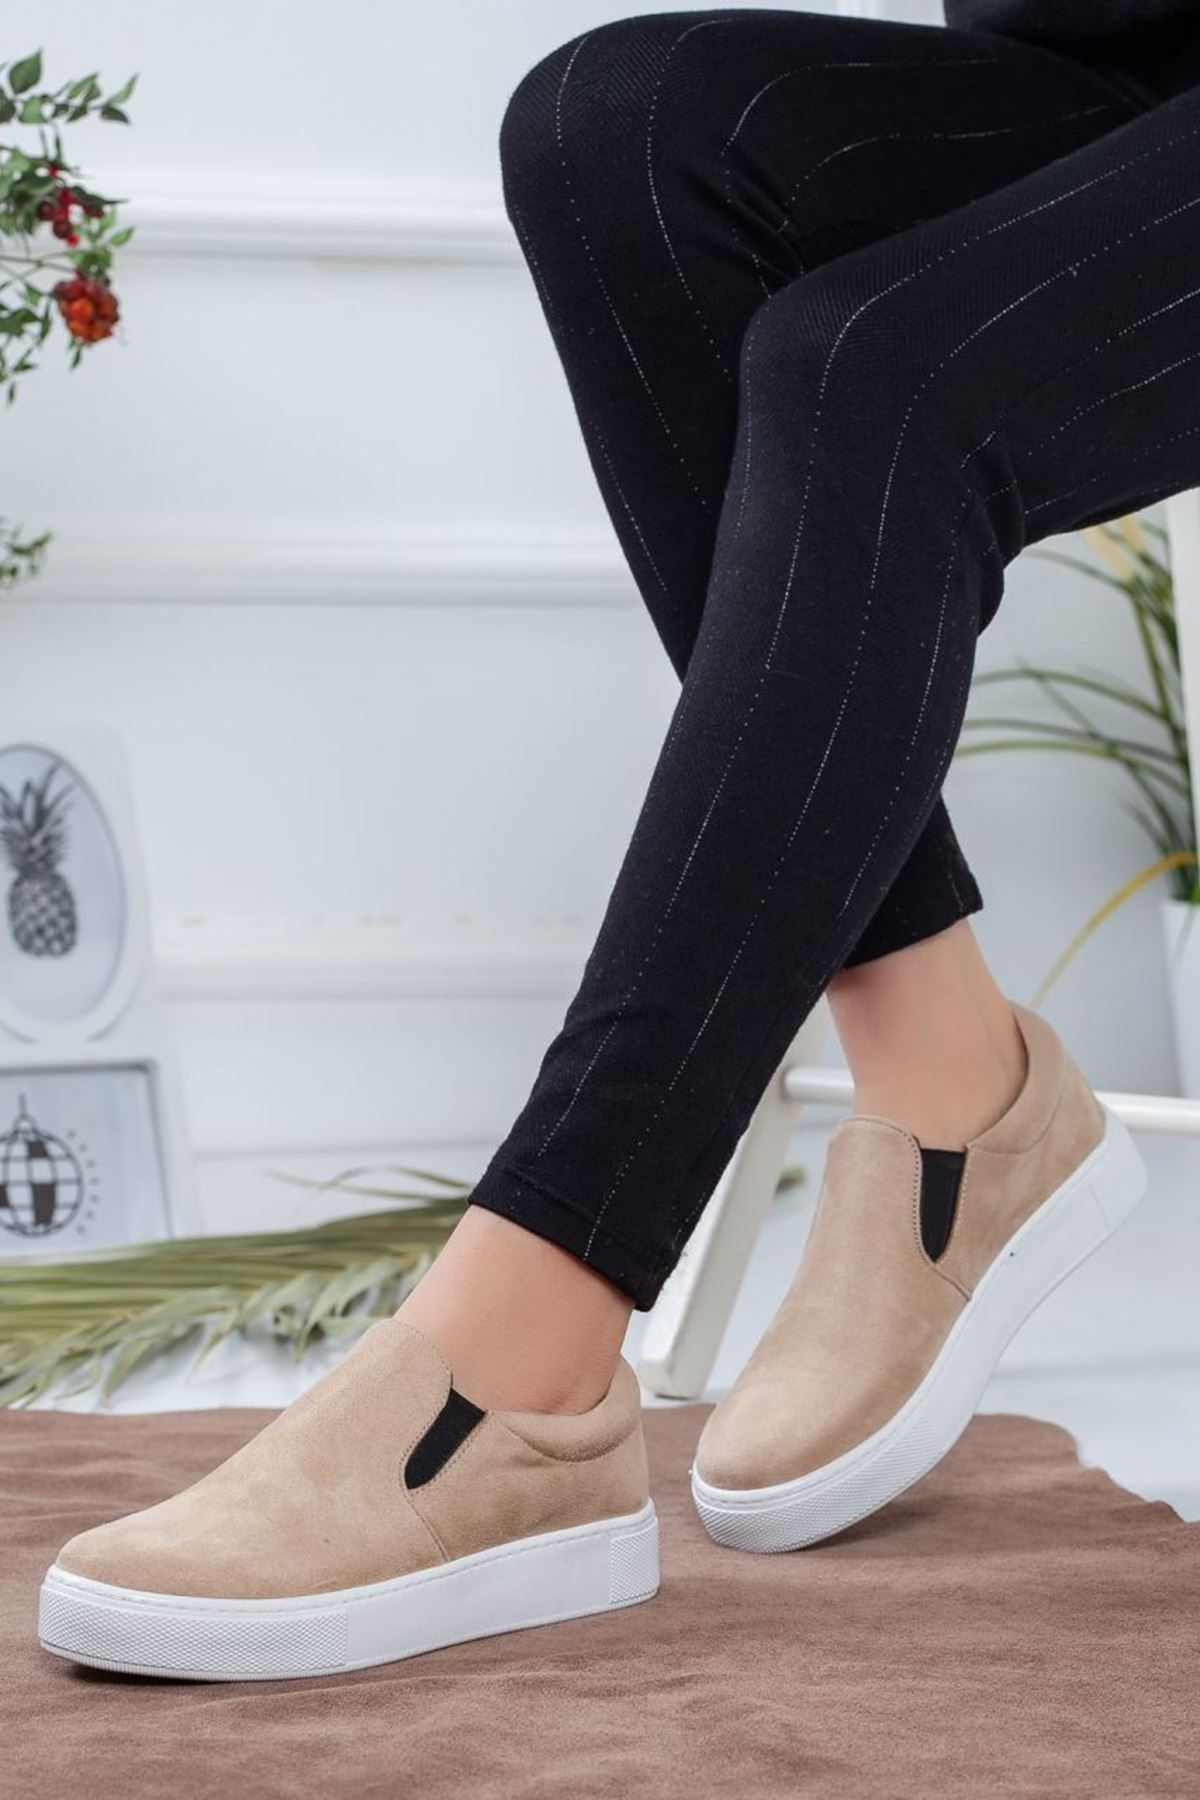 Kadın Tina Süet Spor Ayakkabı Vizon